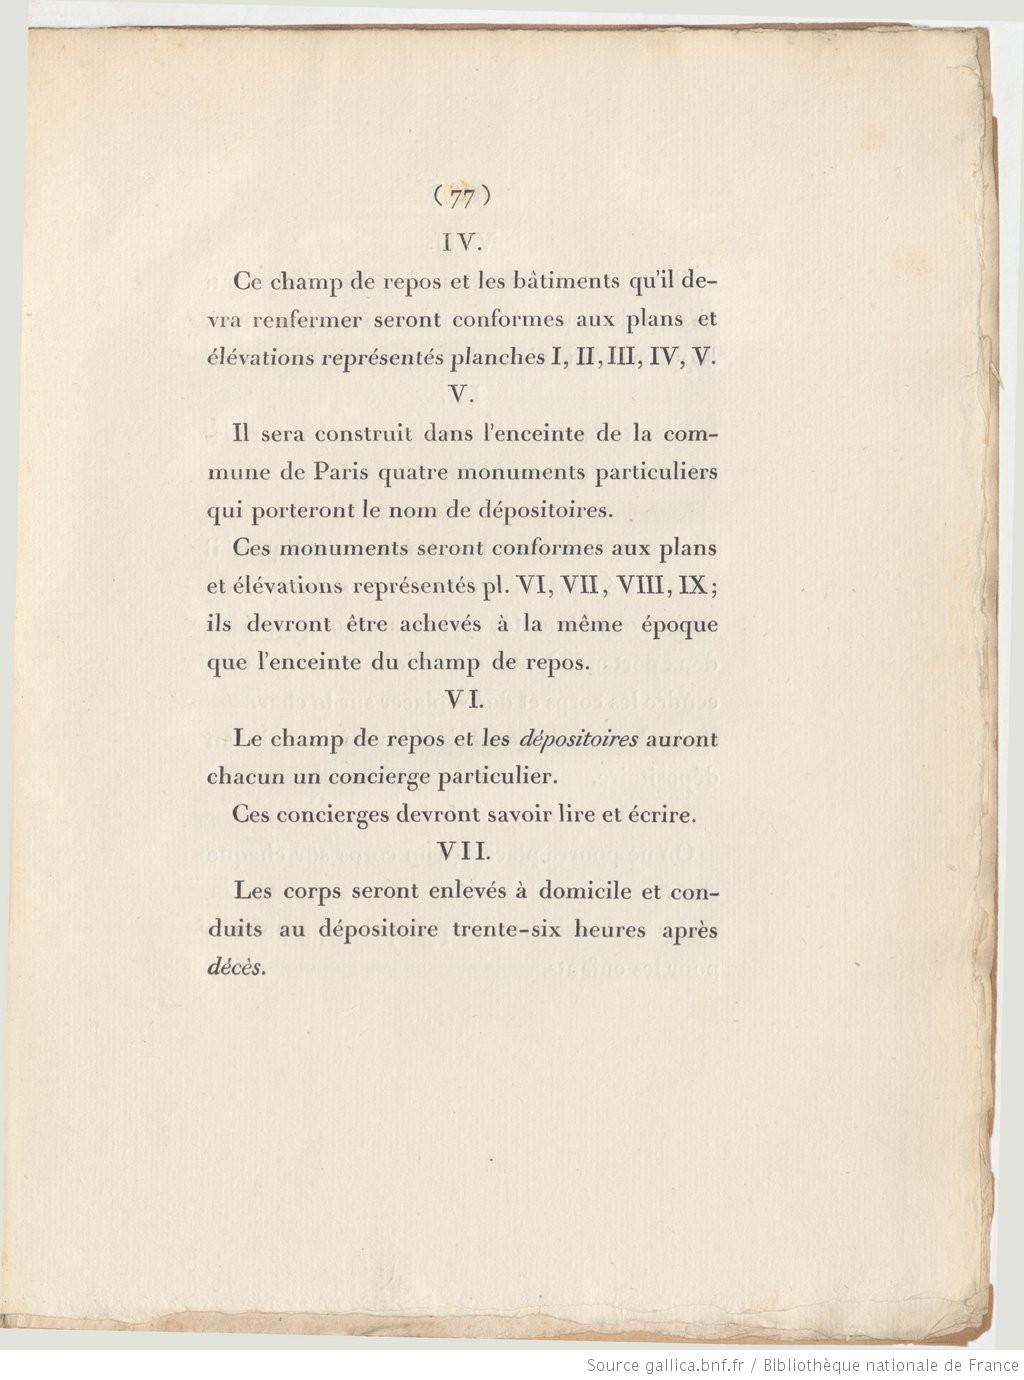 Rapport_sur_les_sépultures_présenté_[...]Cambry_Jacques_bpt6k6523825g (11)